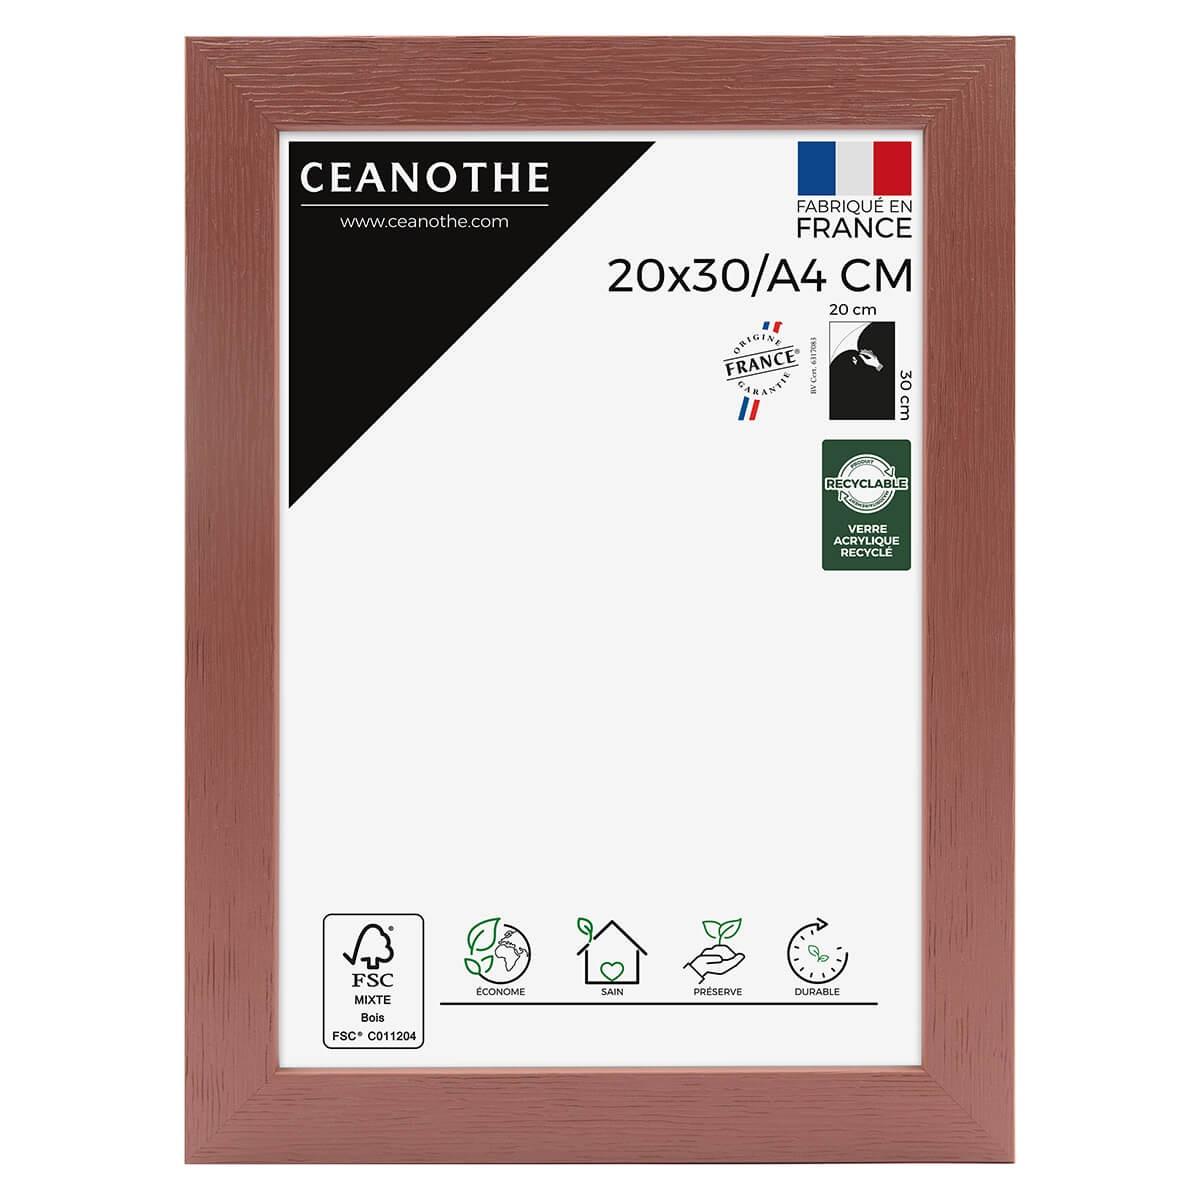 Cadre photo bois reconstitué Terracotta 20x30 A4 cm